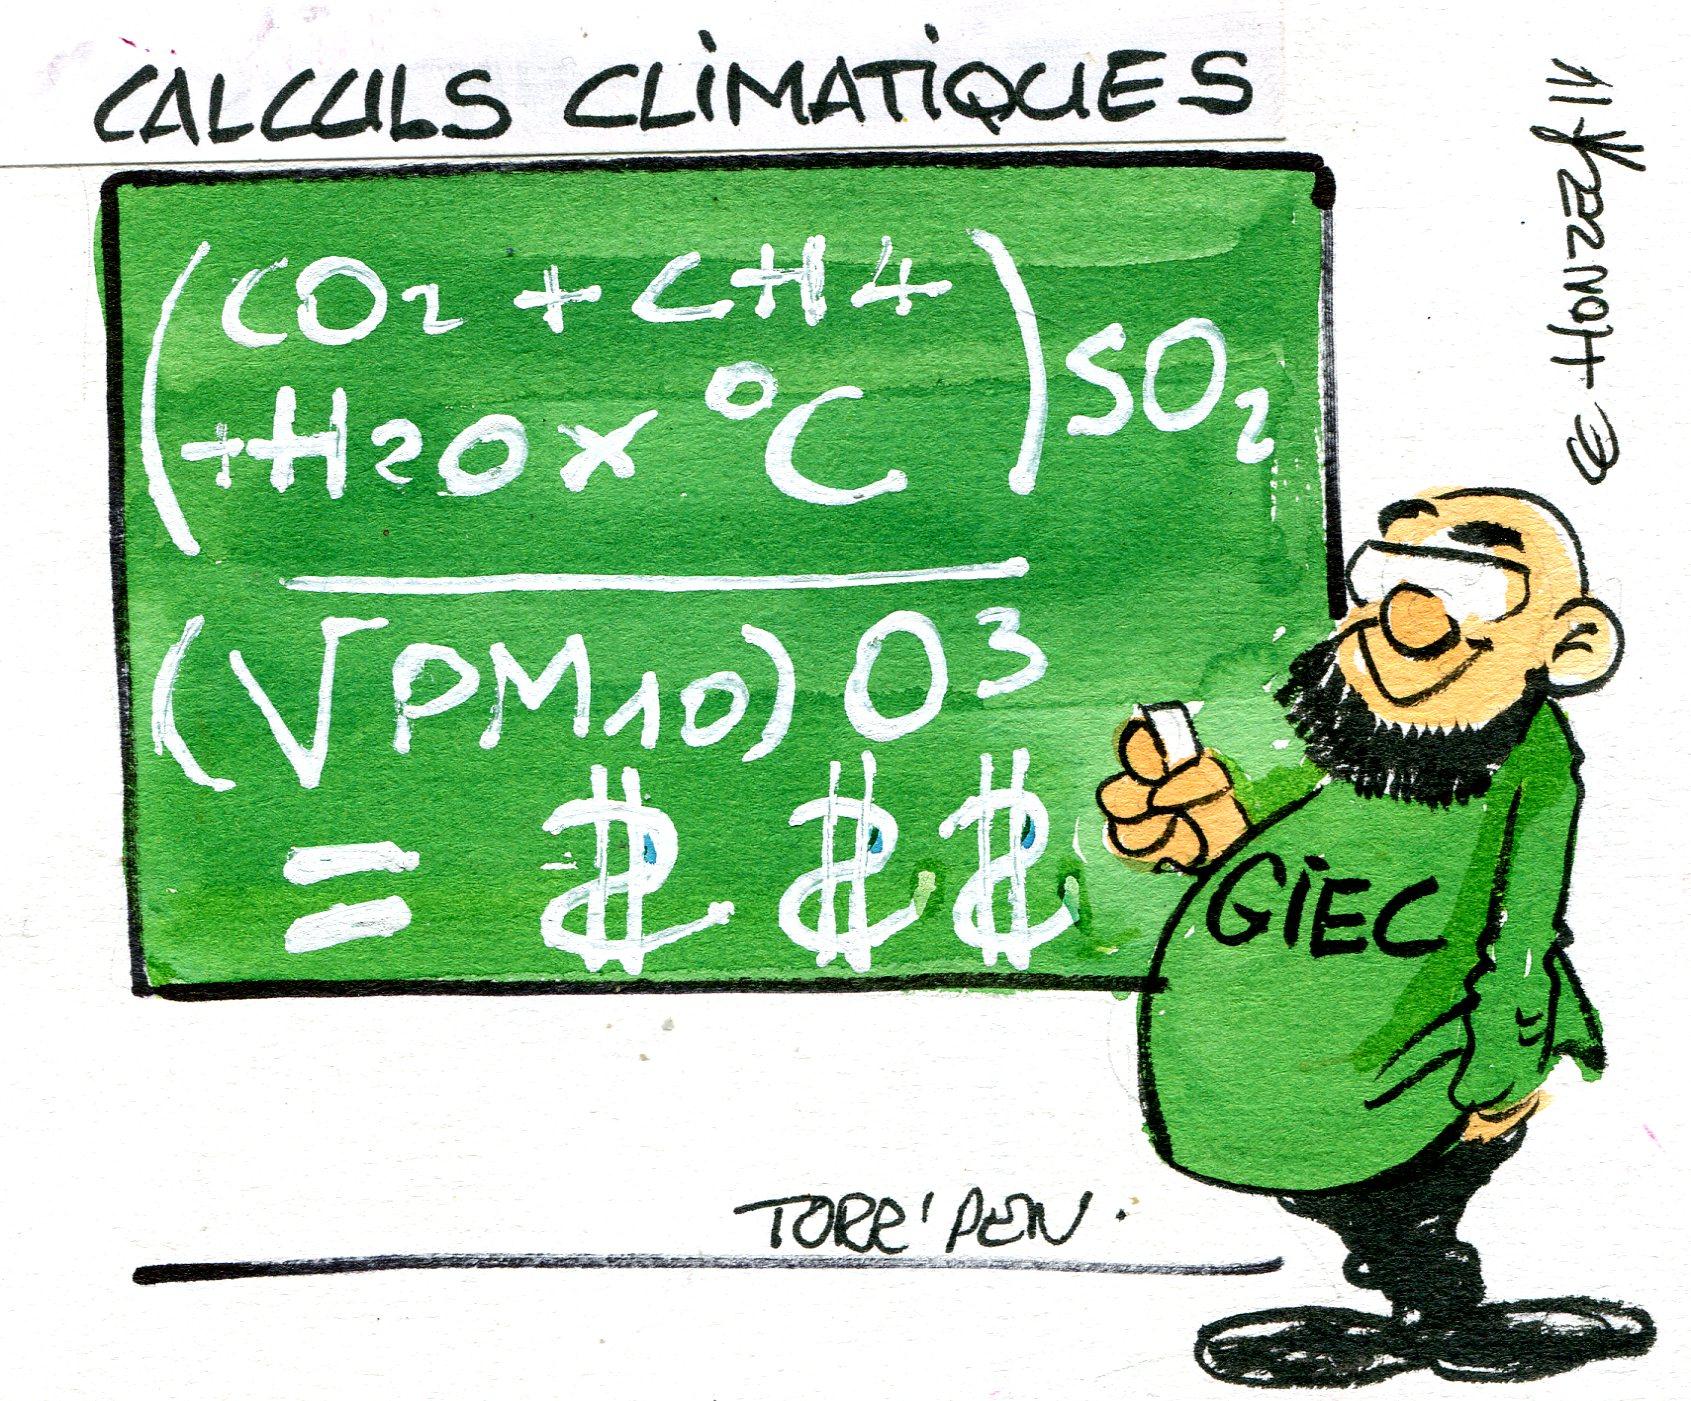 Réchauffement climatique (Crédits : René Le Honzec/Contrepoints.org, licence Creative Commons)